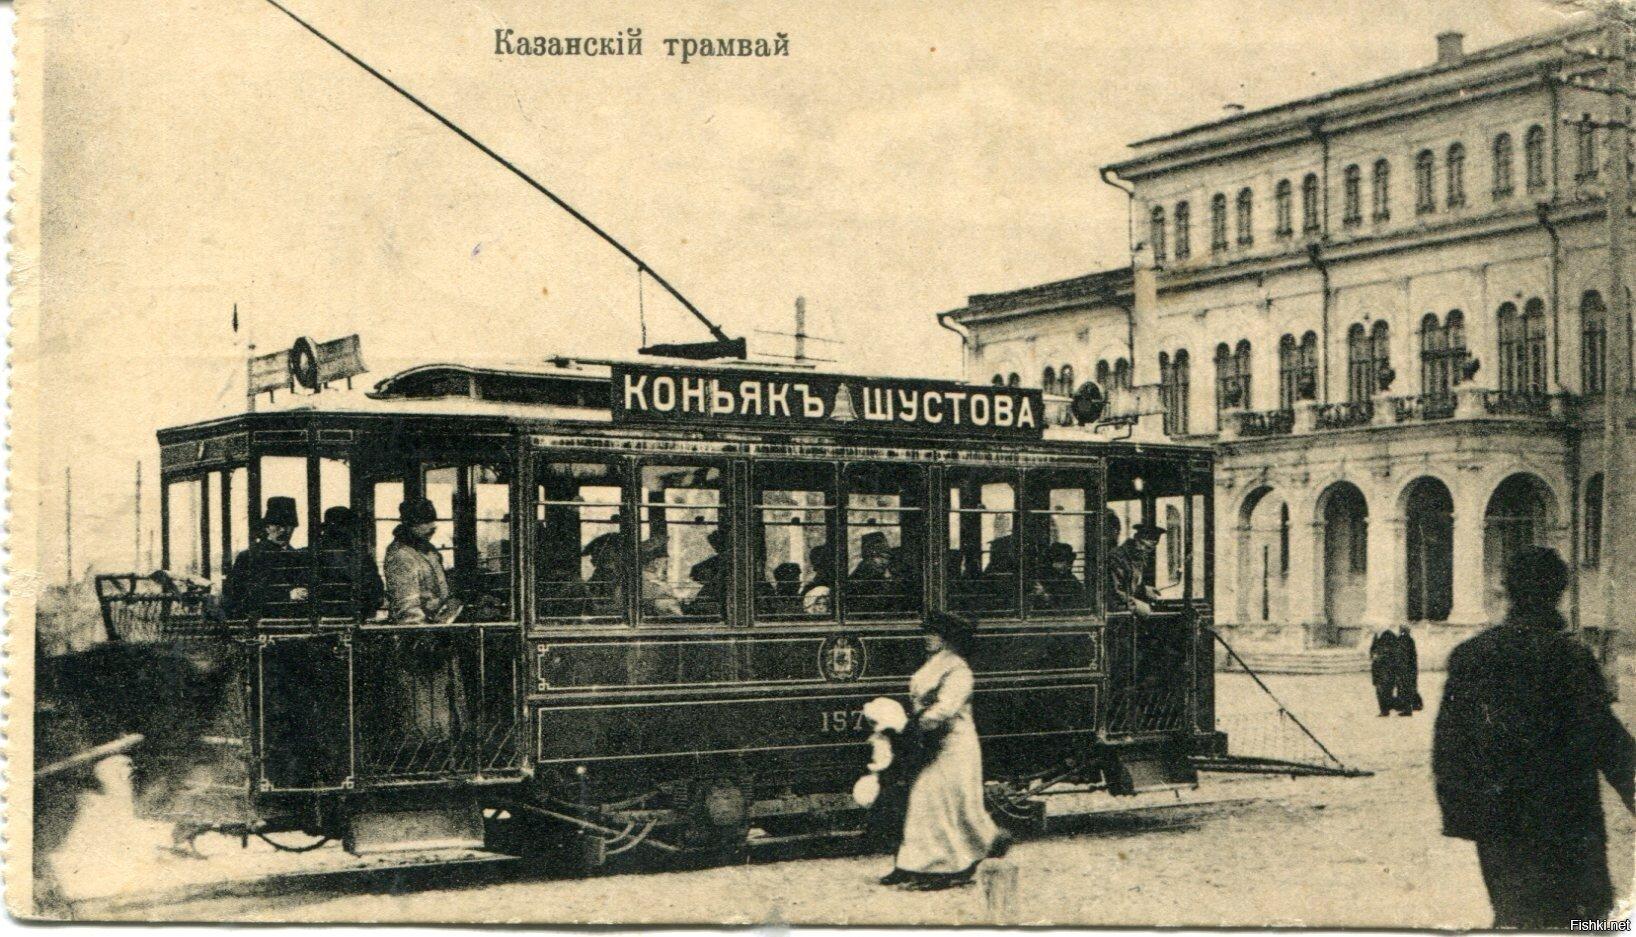 Одна из первых реклам на транспорте